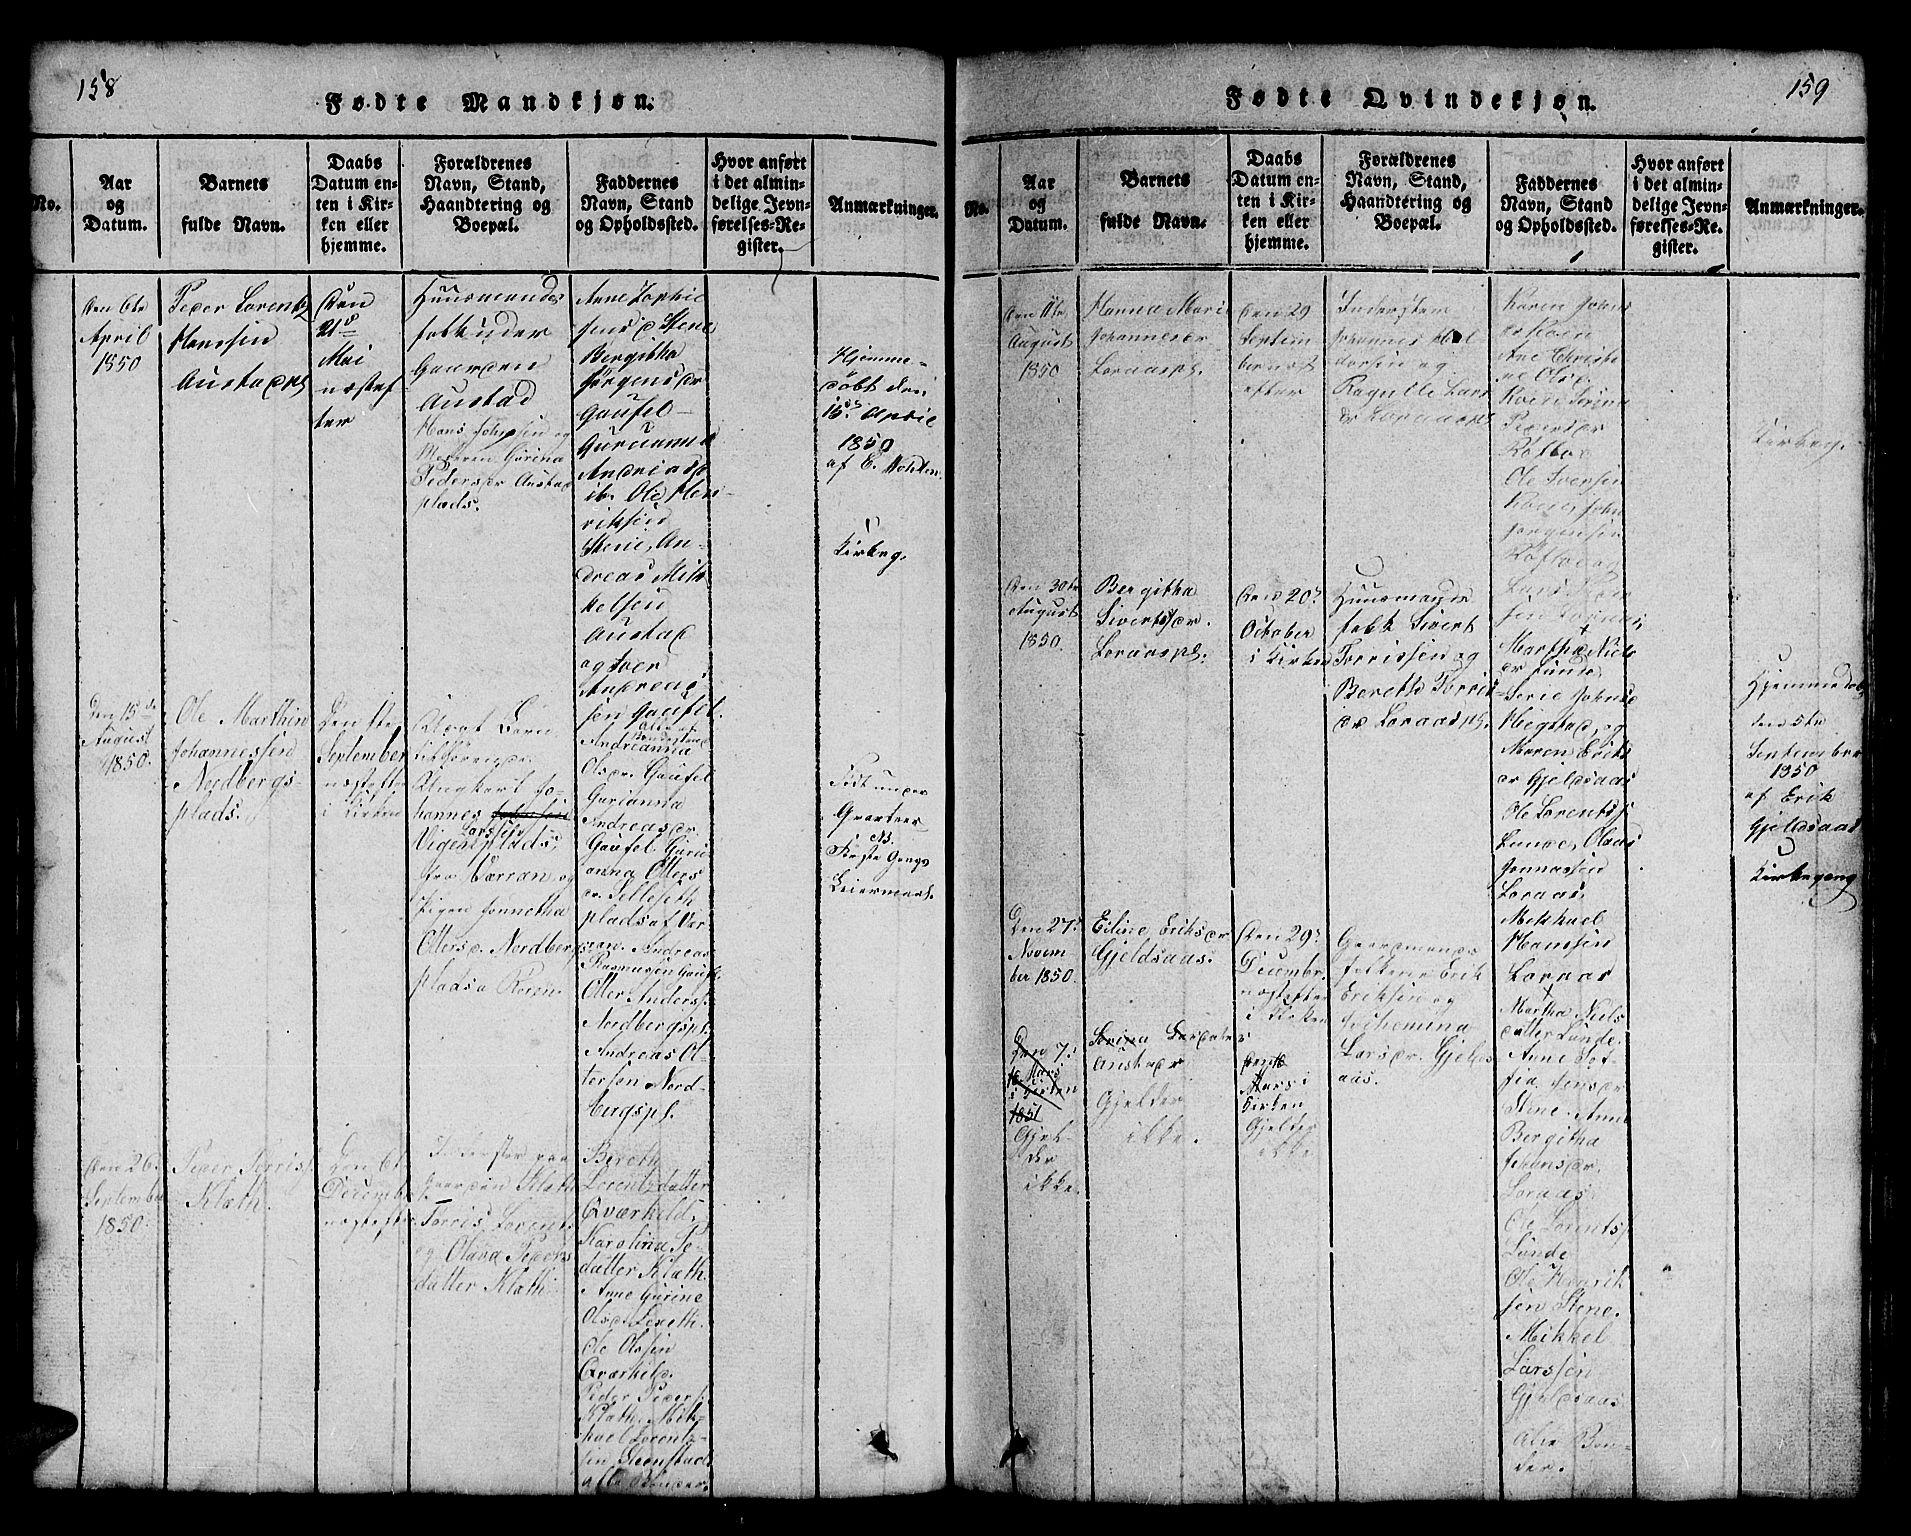 SAT, Ministerialprotokoller, klokkerbøker og fødselsregistre - Nord-Trøndelag, 731/L0310: Klokkerbok nr. 731C01, 1816-1874, s. 158-159